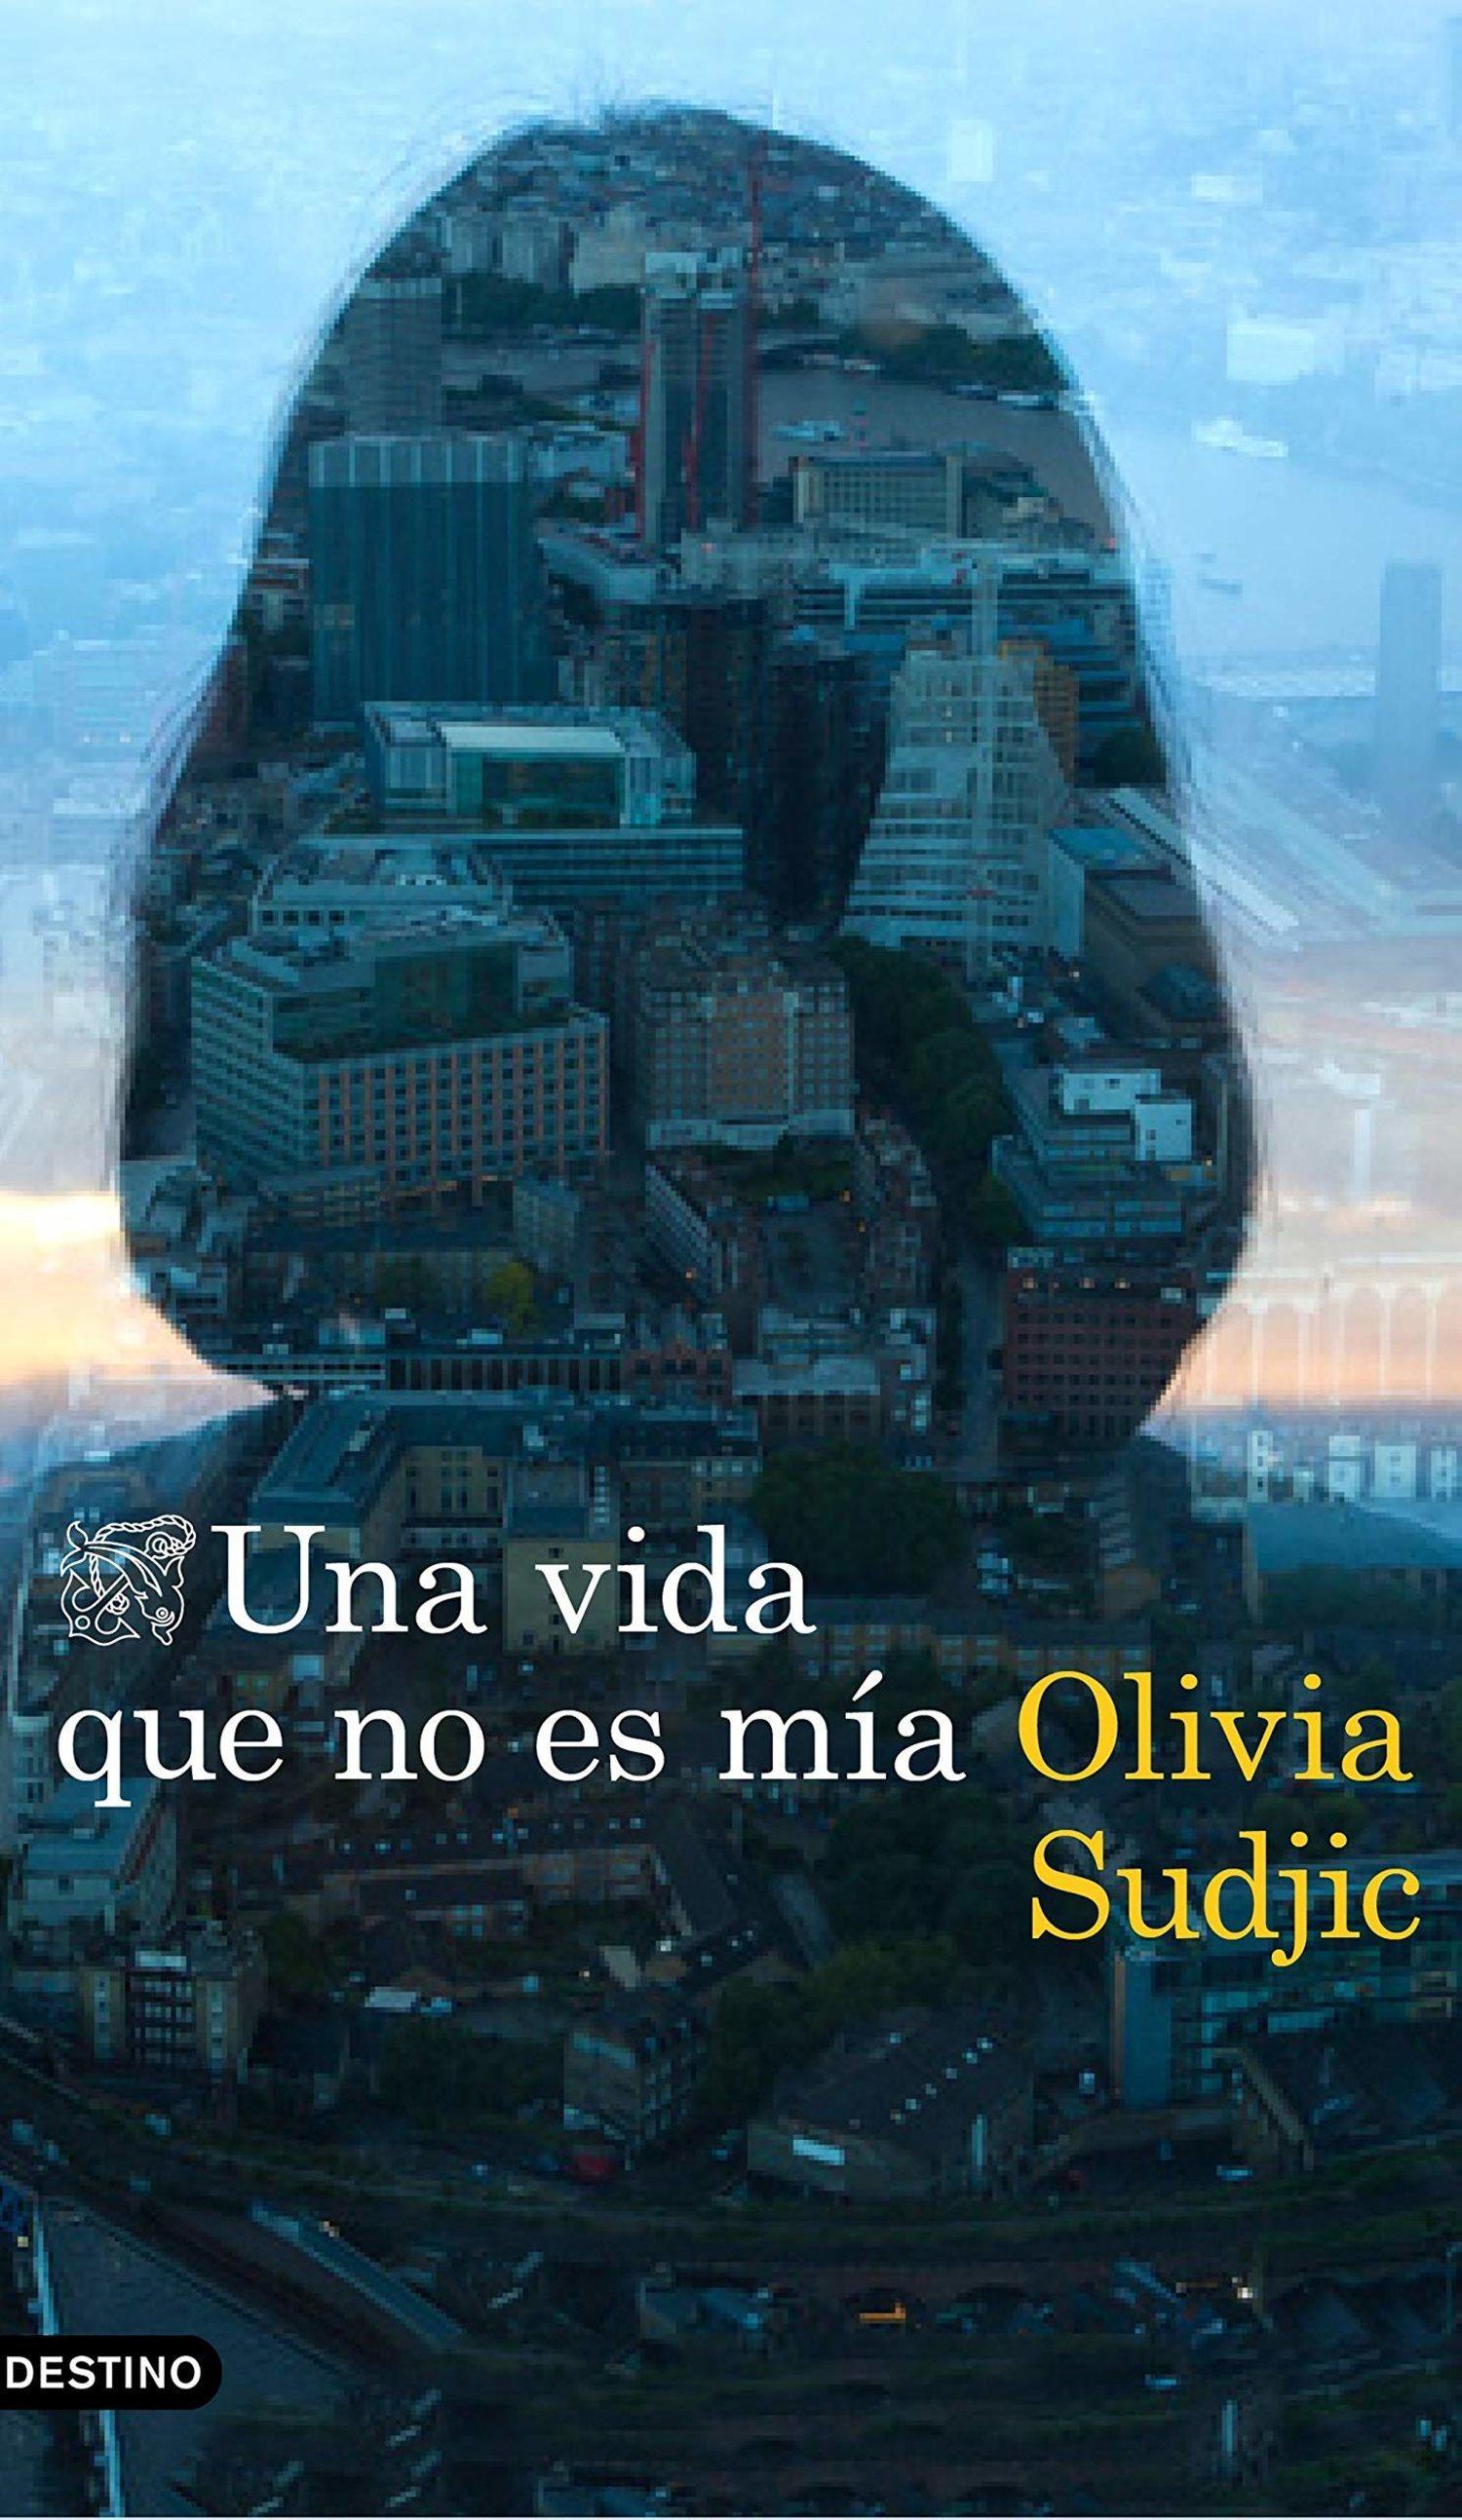 Una vida que no es mía de Olivia Sudjic.